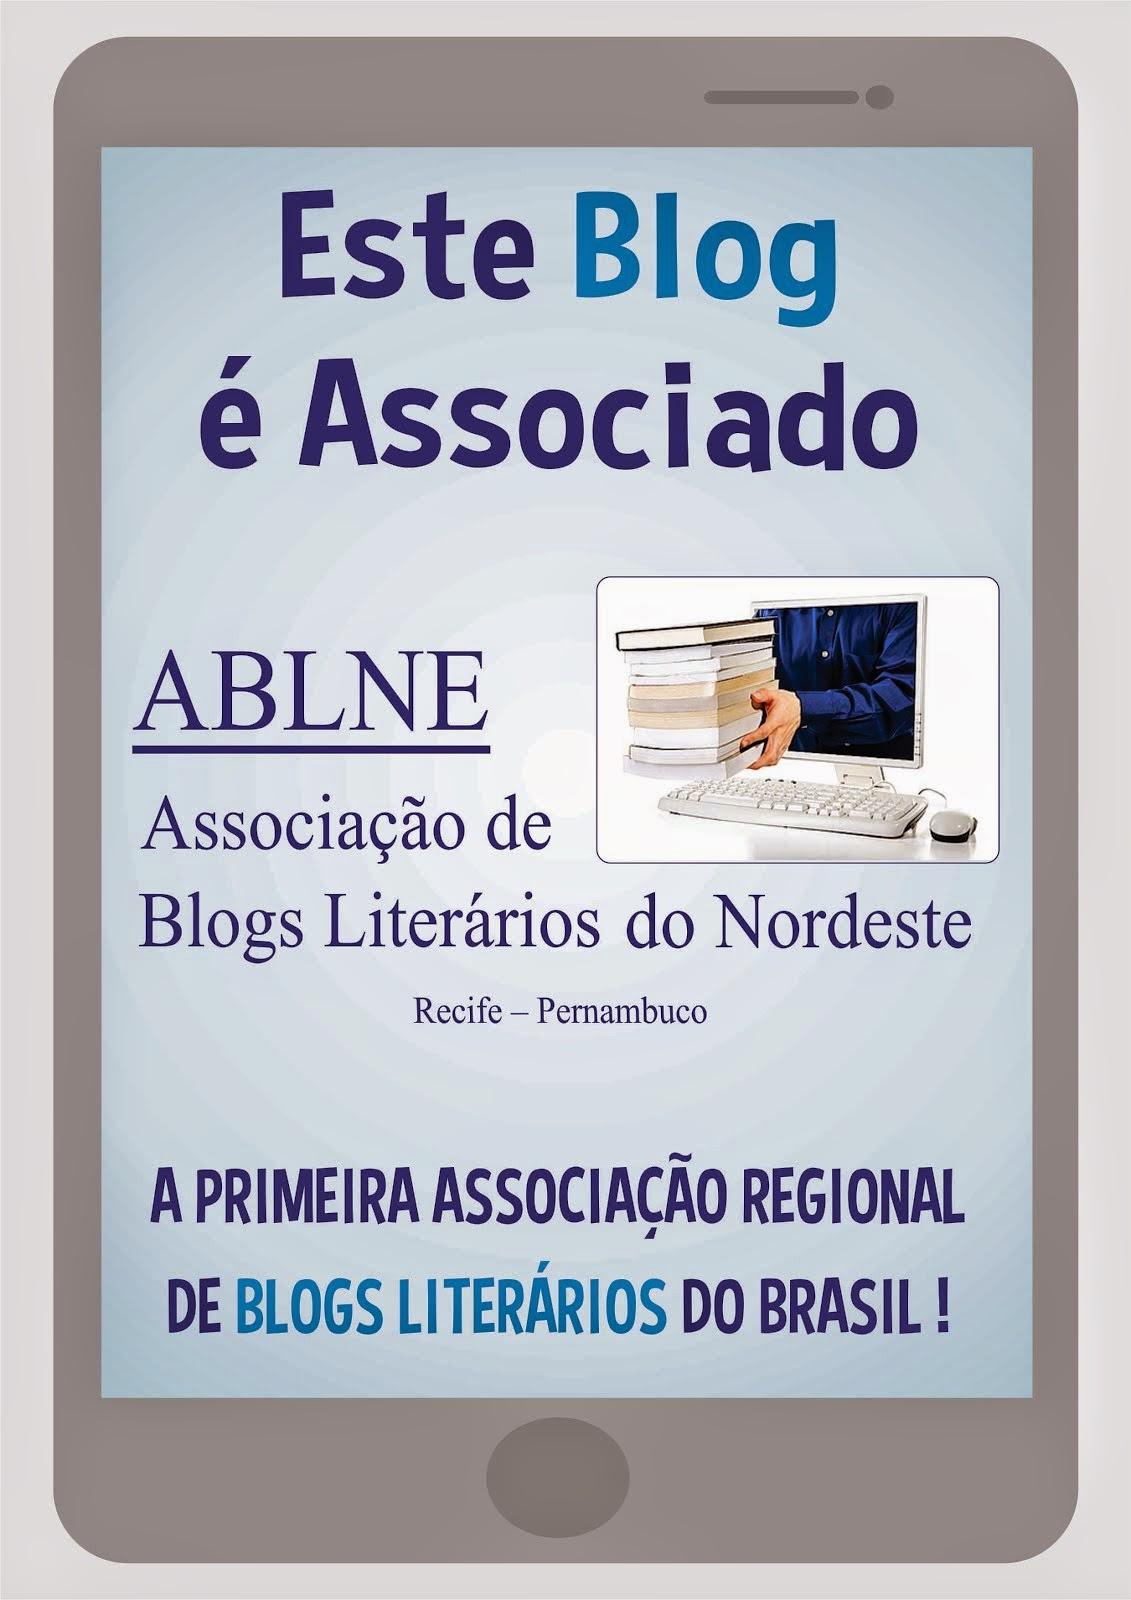 Associação  de Blogs Literários do Nordeste  ABLNE